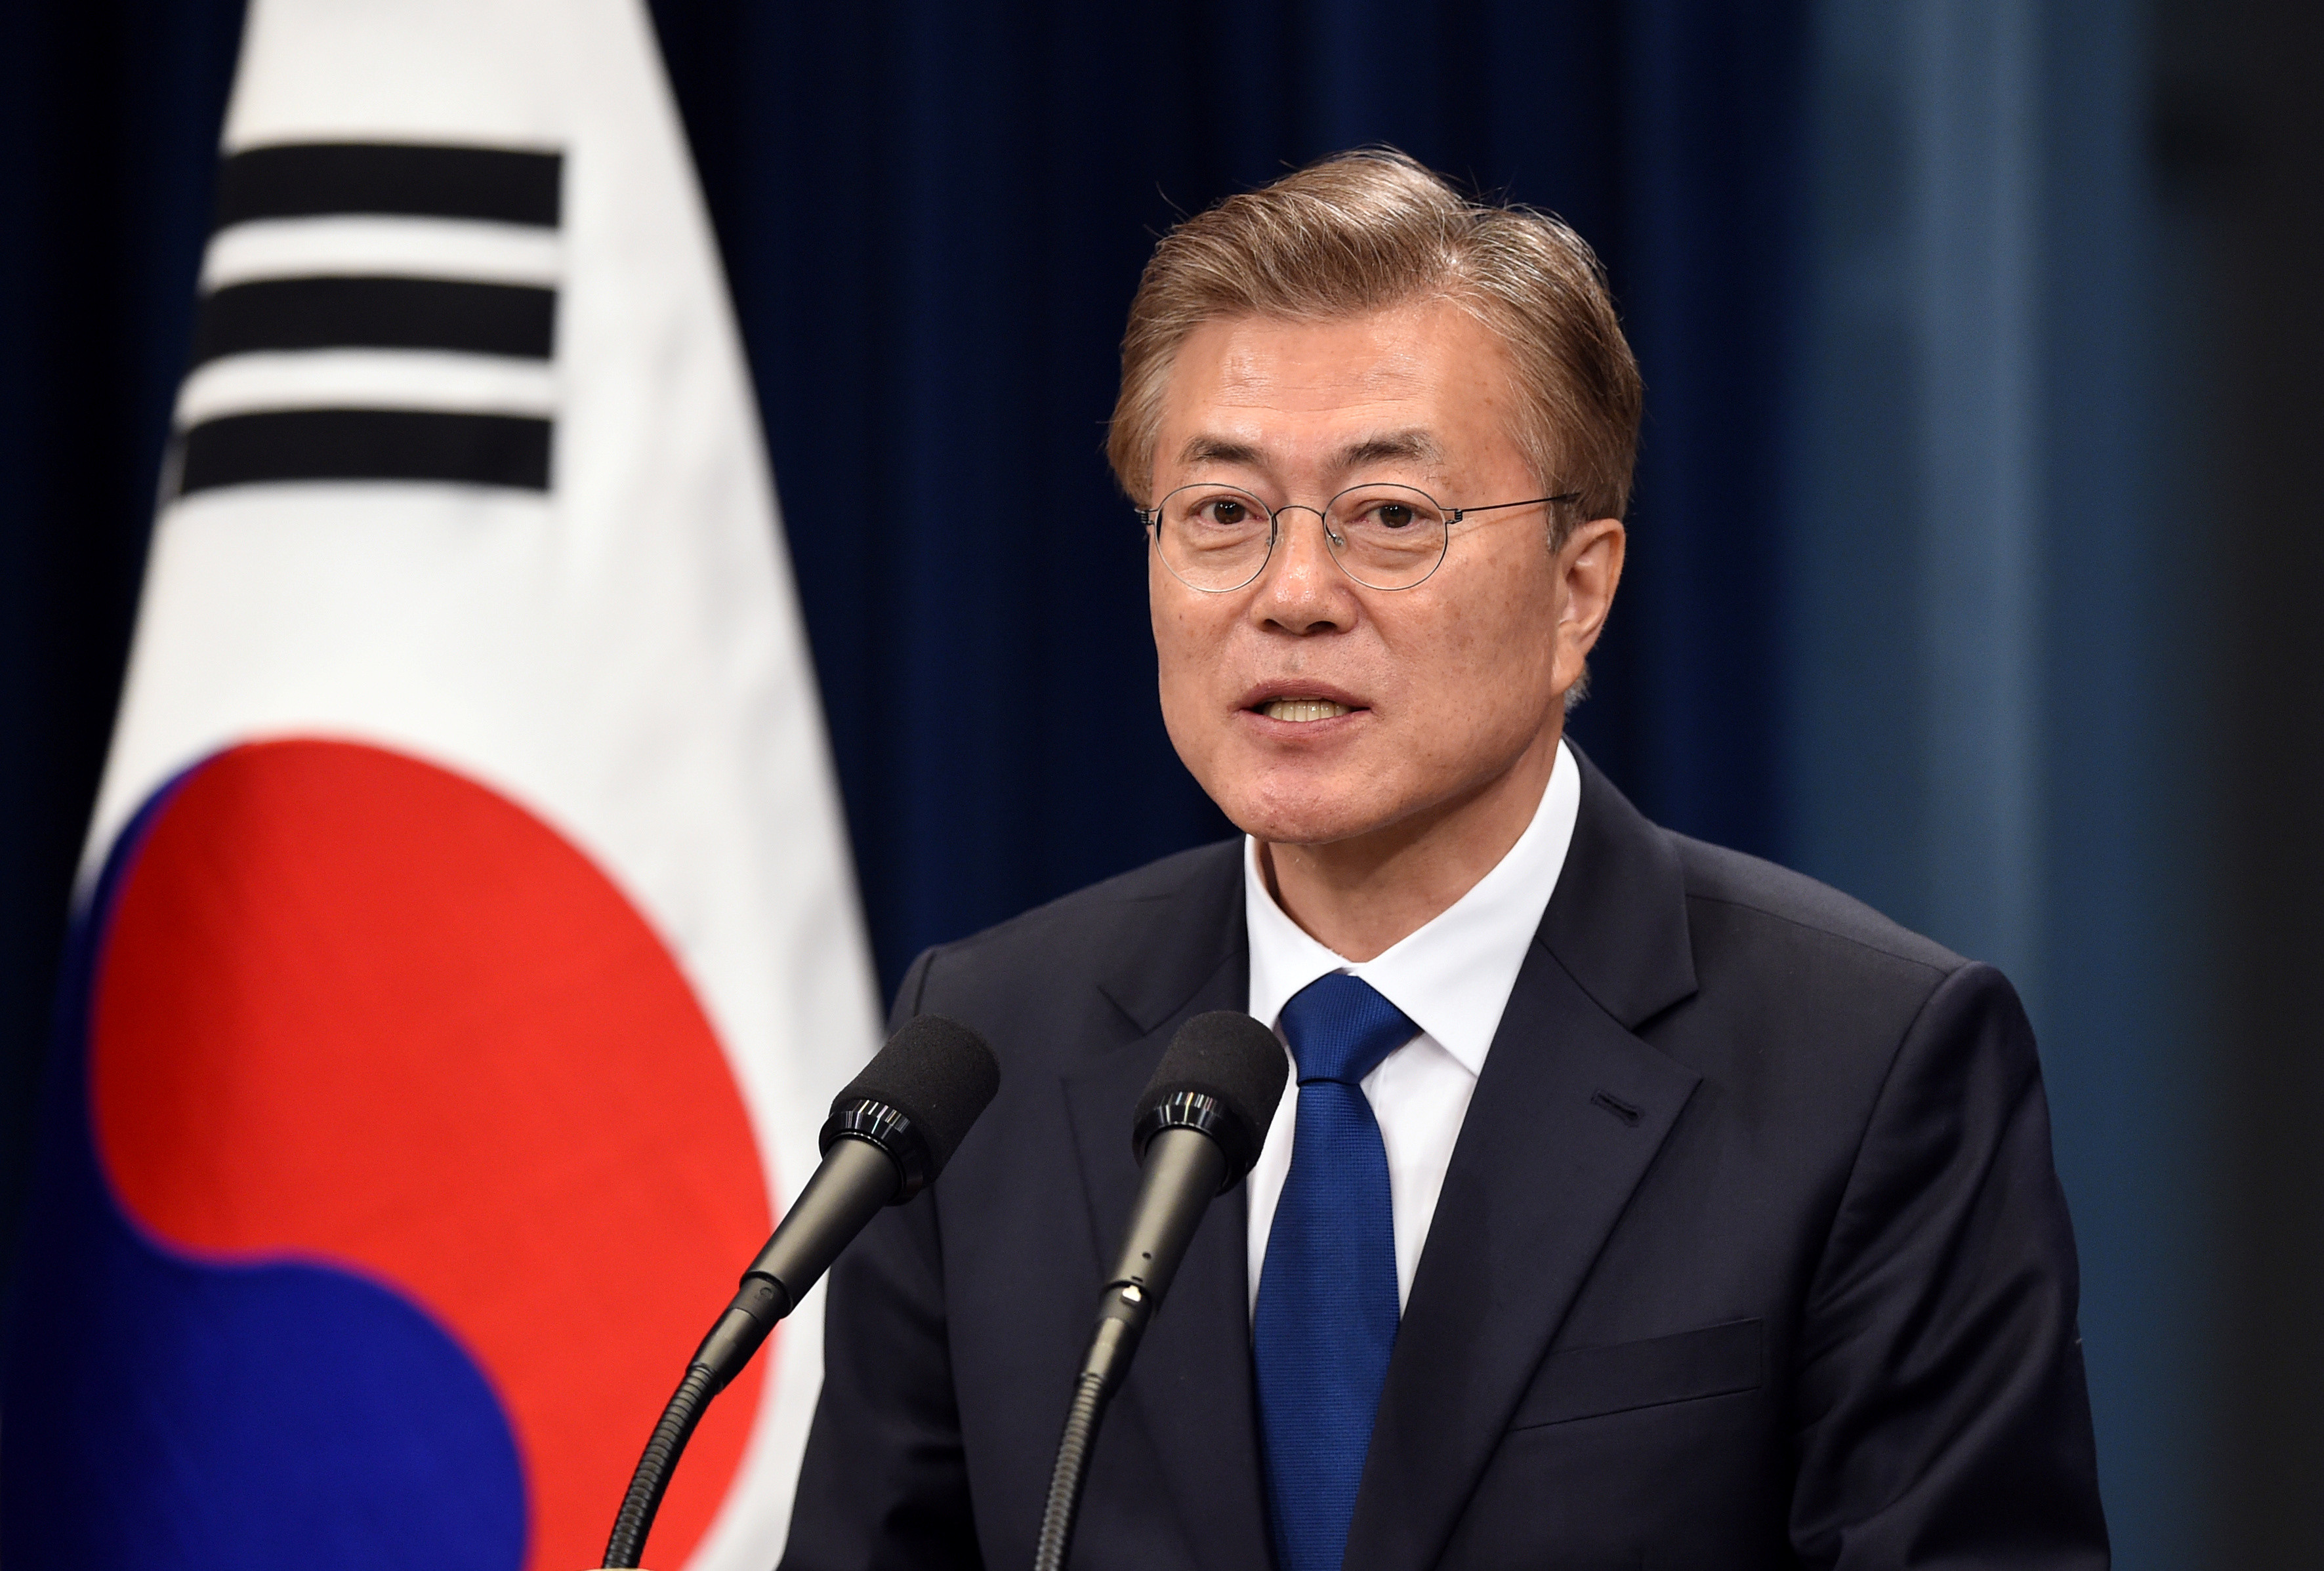 南韓總統文在寅提到,我們必須承認國民無法接受慰安婦協議的情緒。(圖/路透社)